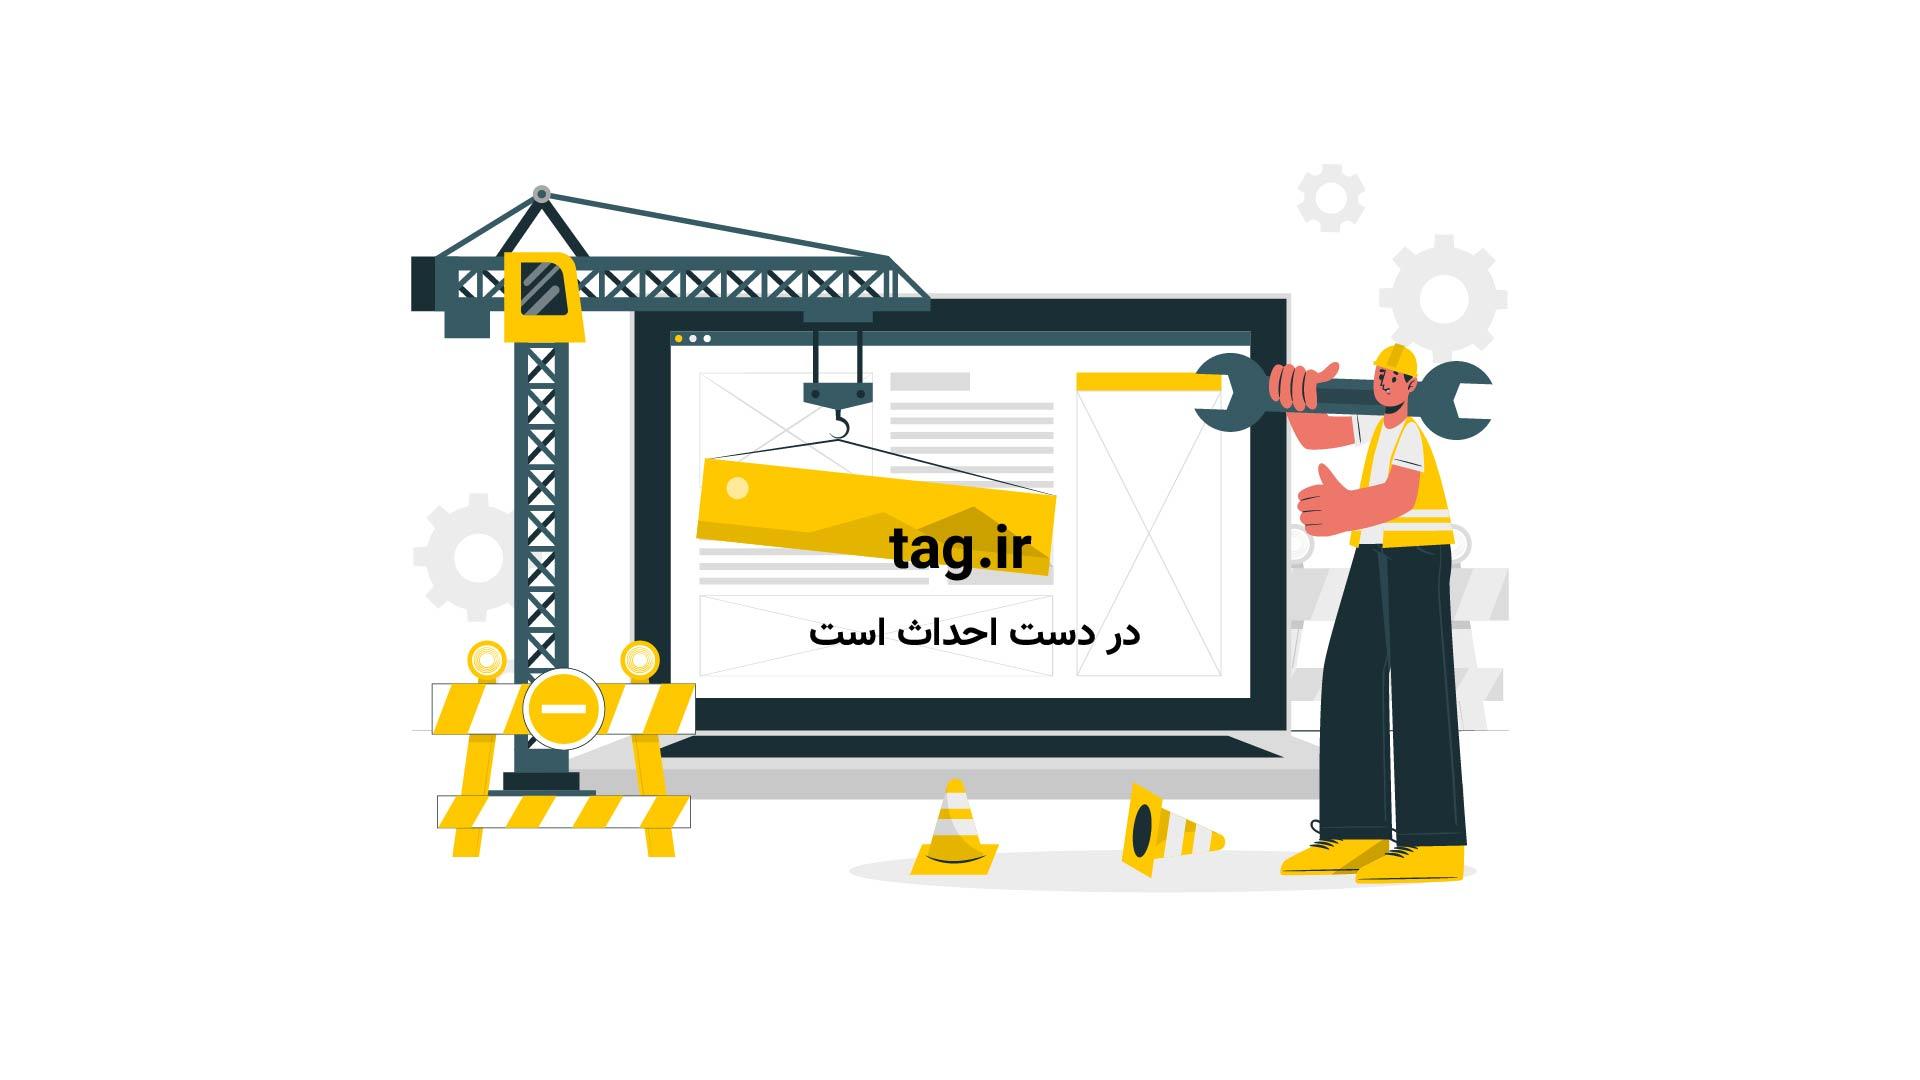 نظر طرفداران ترامپ دراره منع مهاجرت|تگ